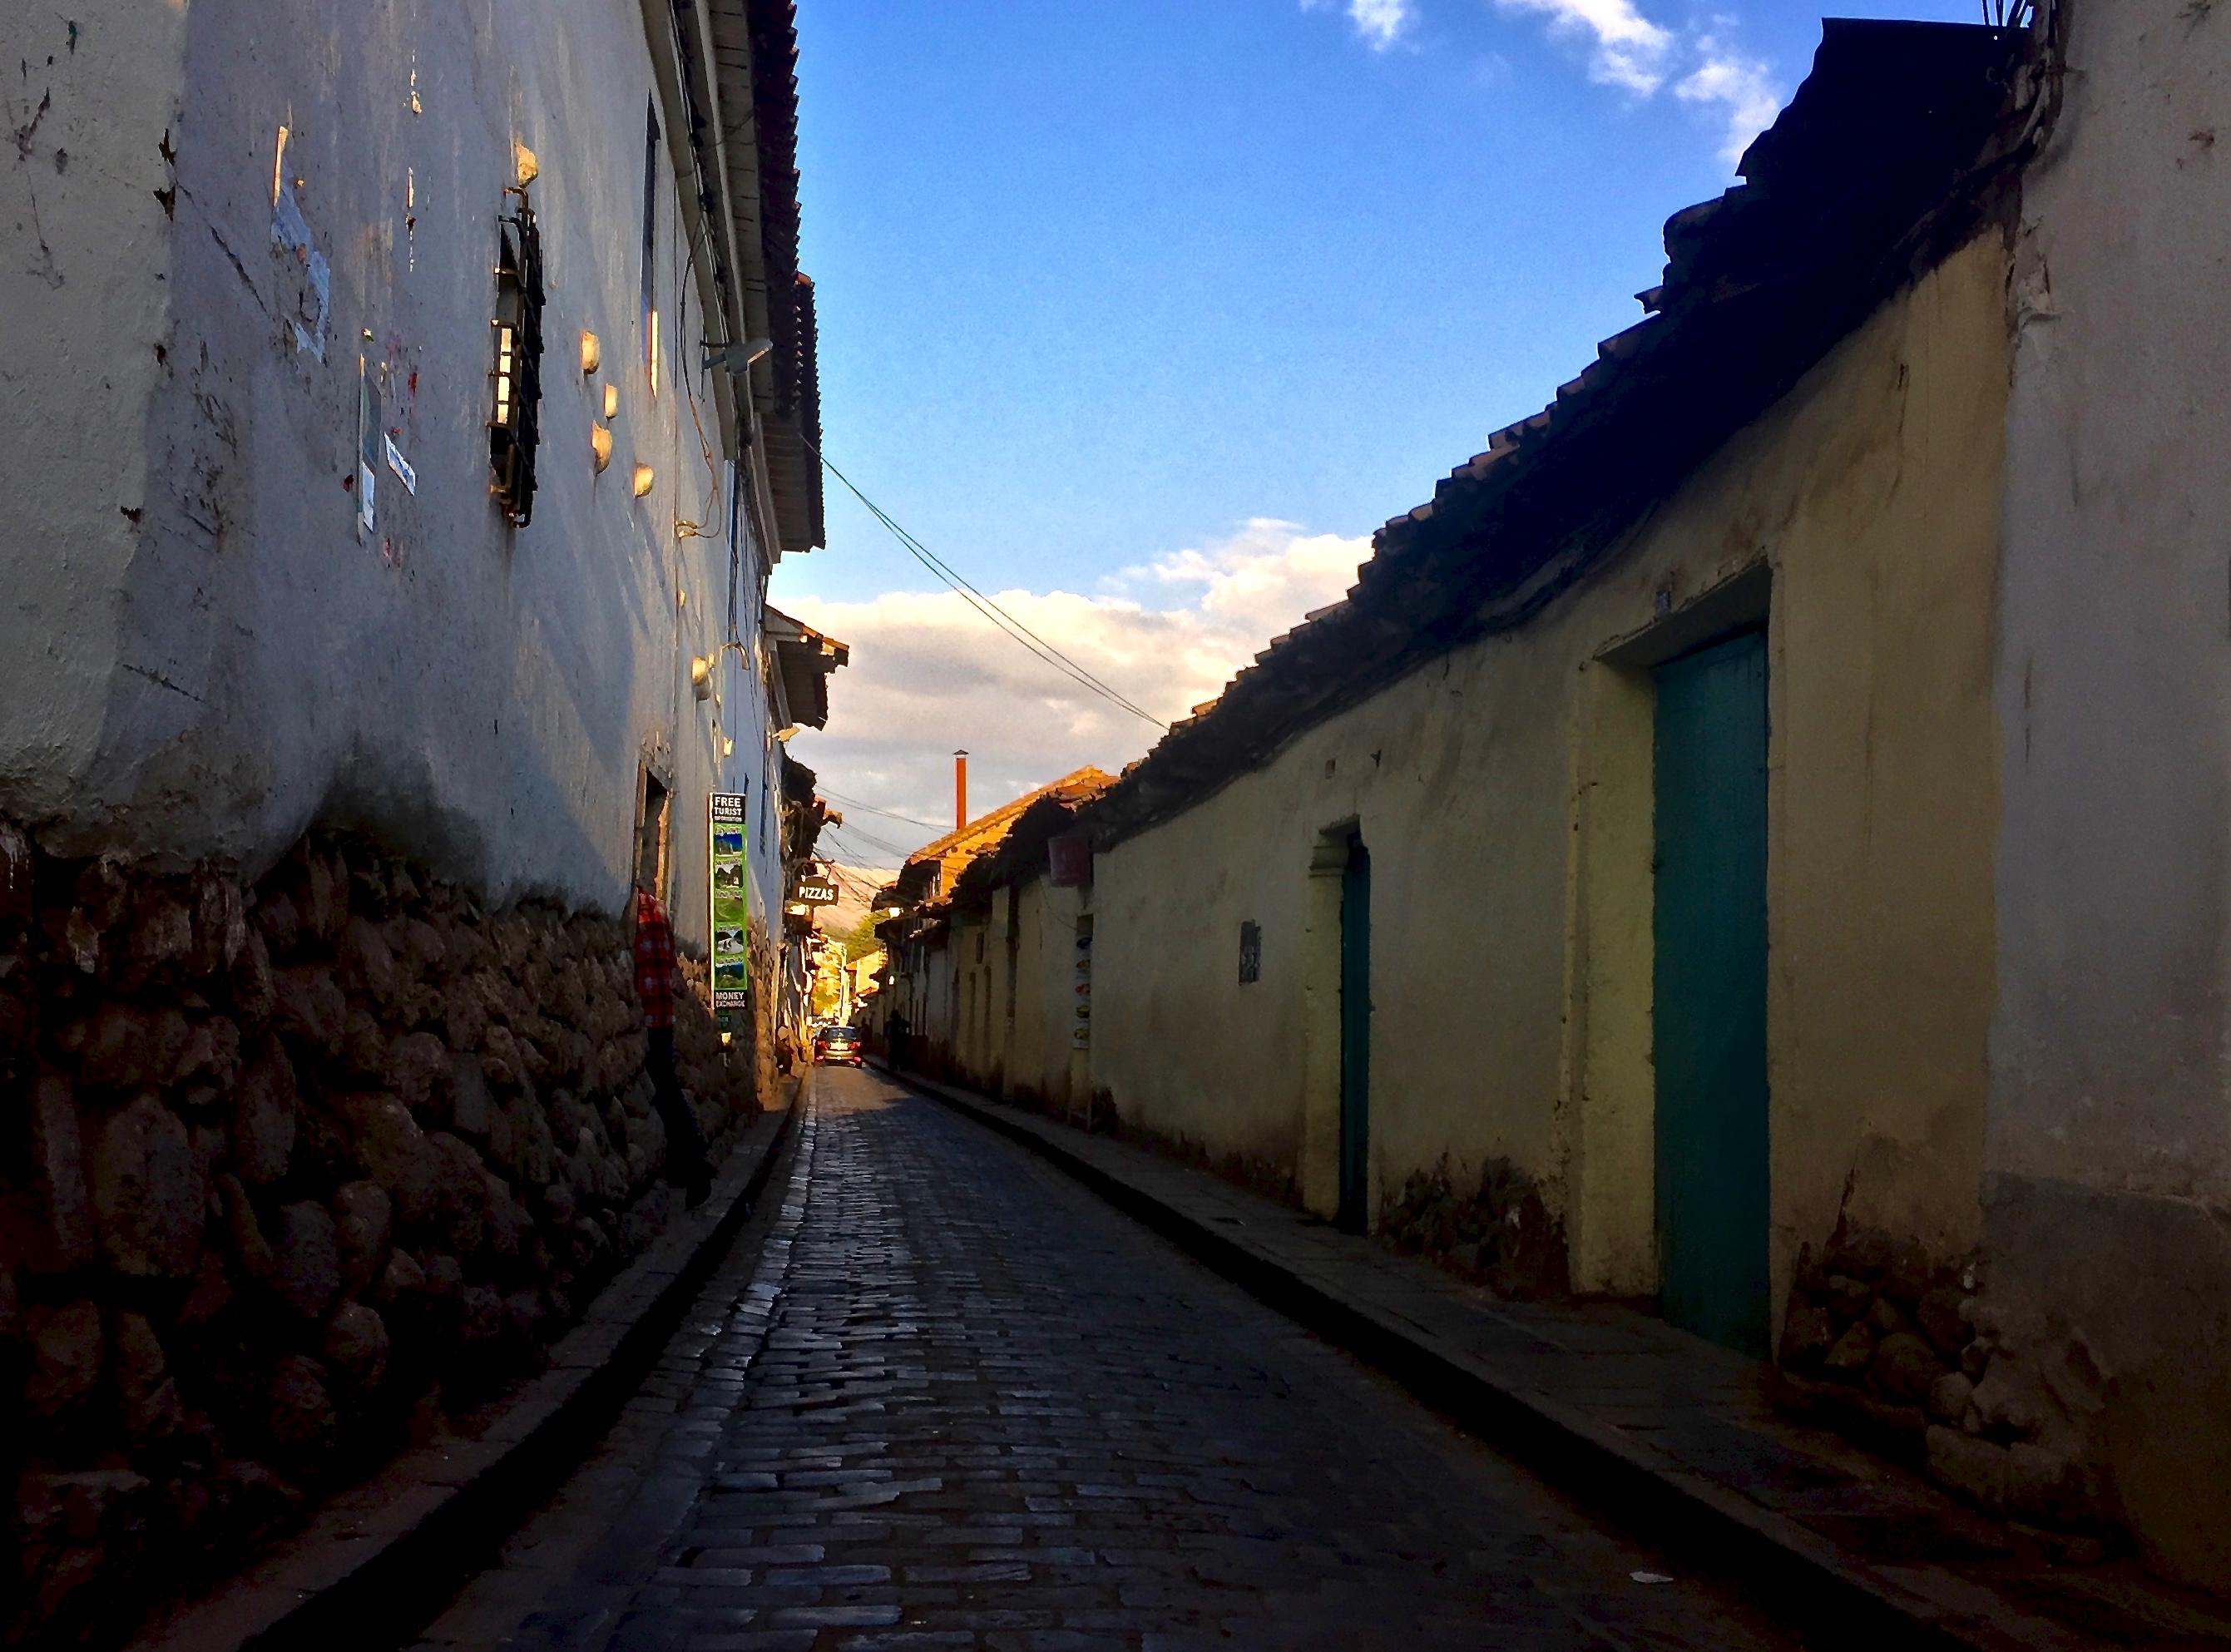 Calle Recoleta